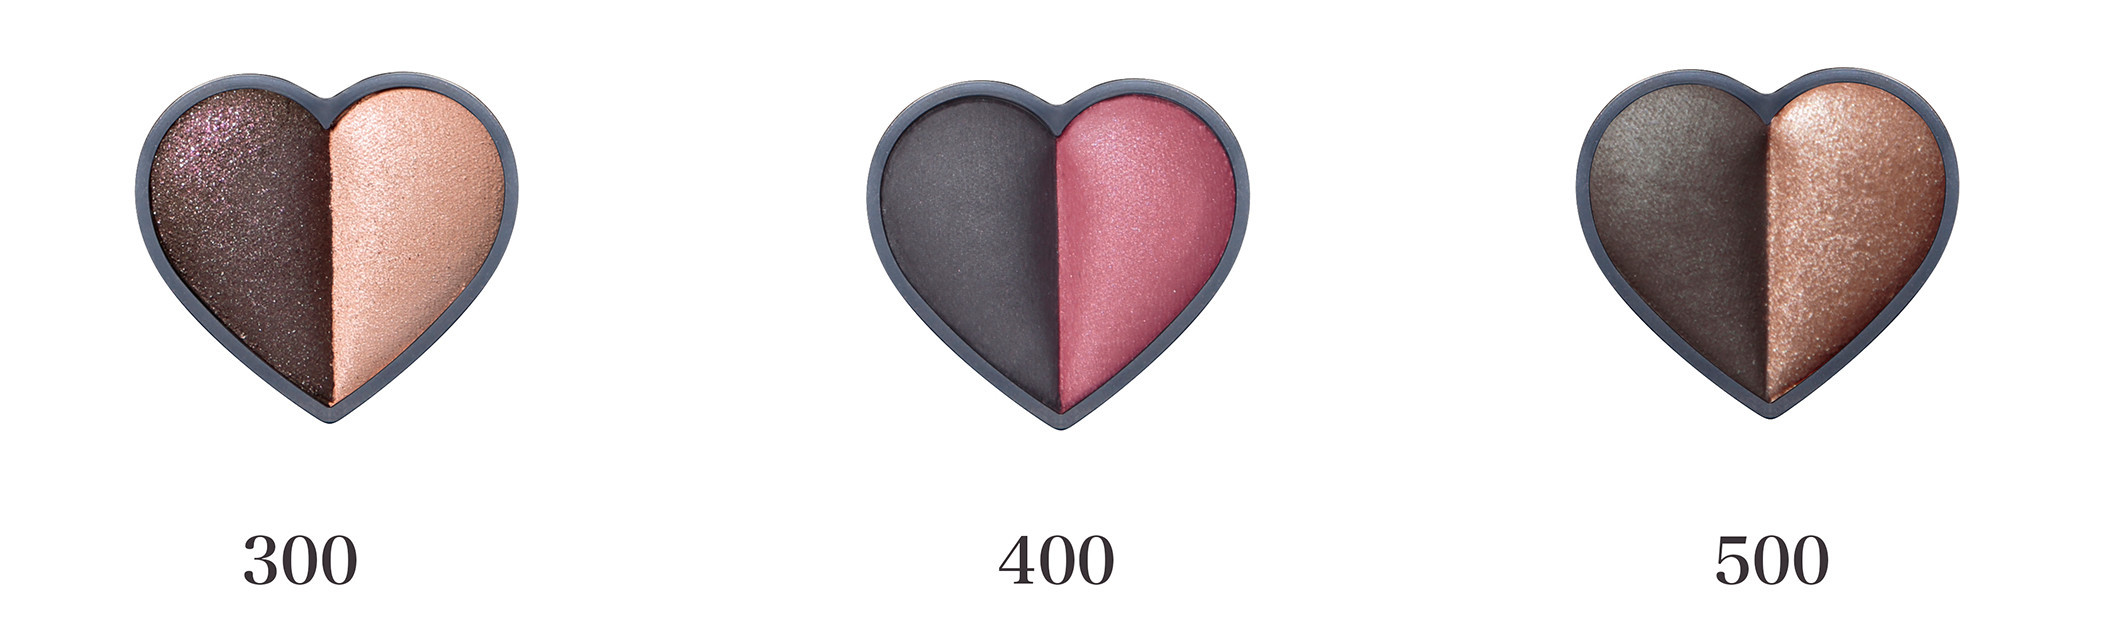 【バレンタインコスメ2020】アナ スイ スイ ブラック アイカラー-1